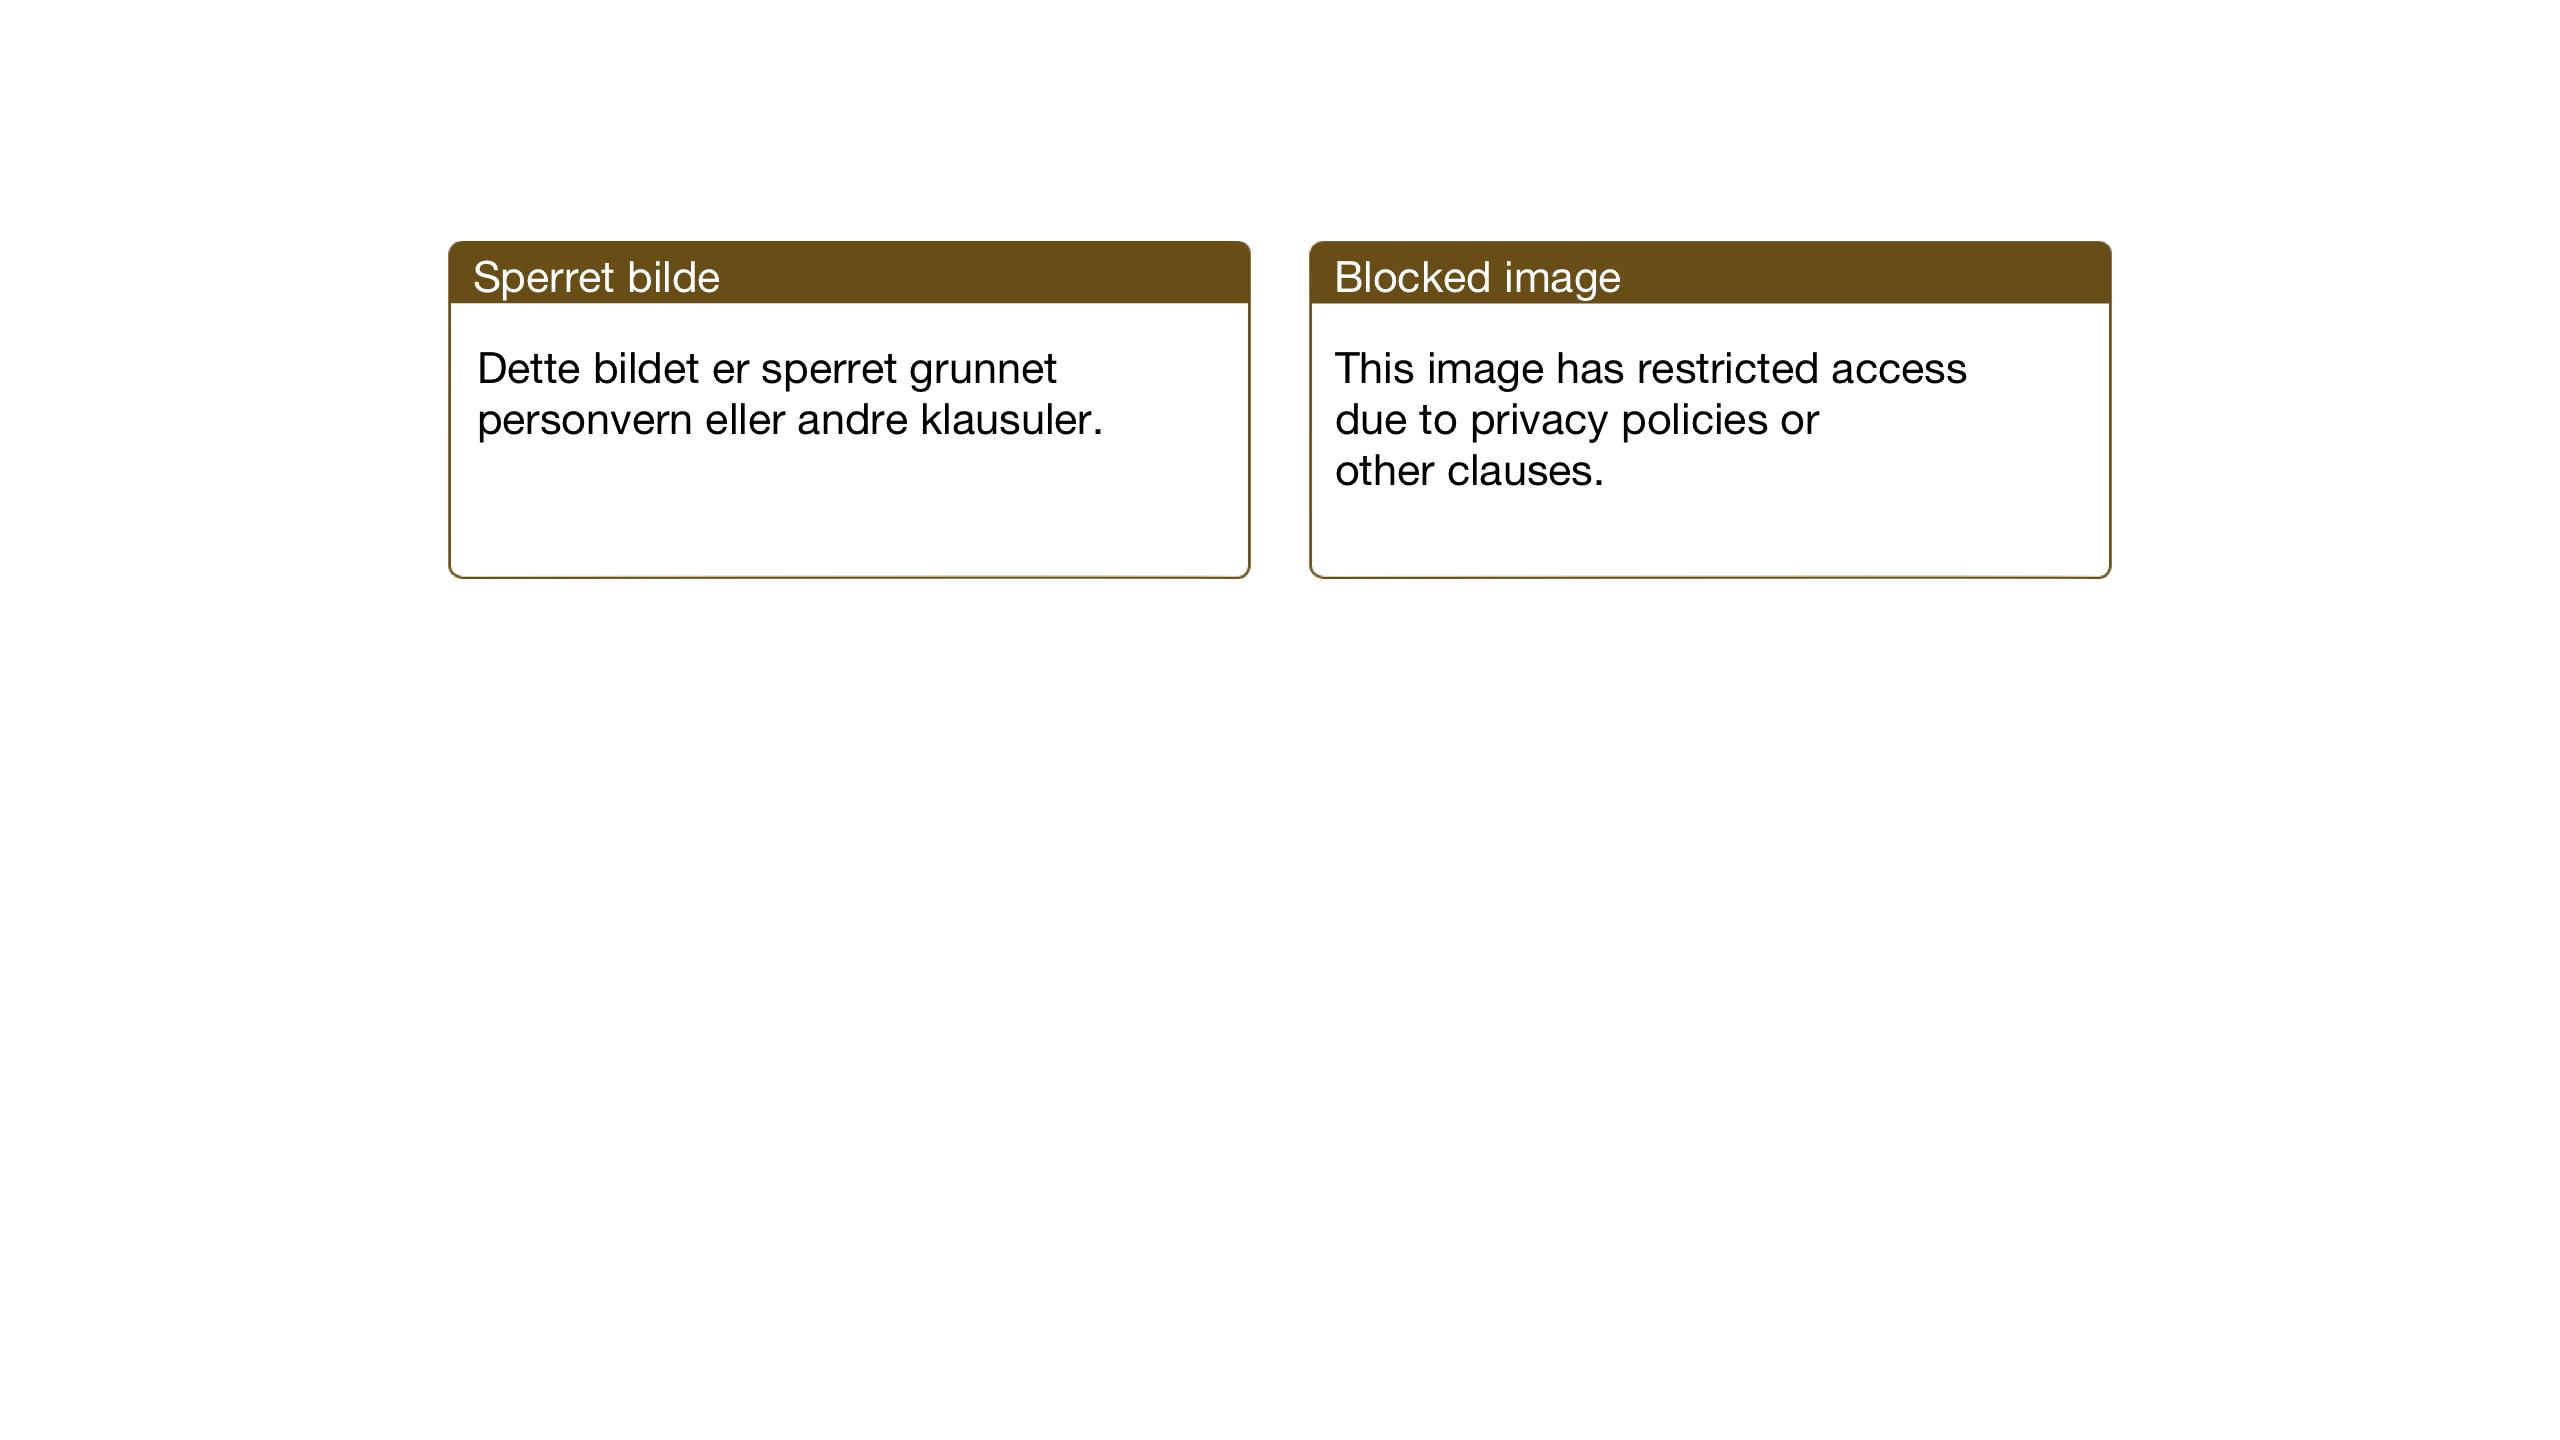 SAT, Ministerialprotokoller, klokkerbøker og fødselsregistre - Sør-Trøndelag, 682/L0947: Klokkerbok nr. 682C01, 1926-1968, s. 149